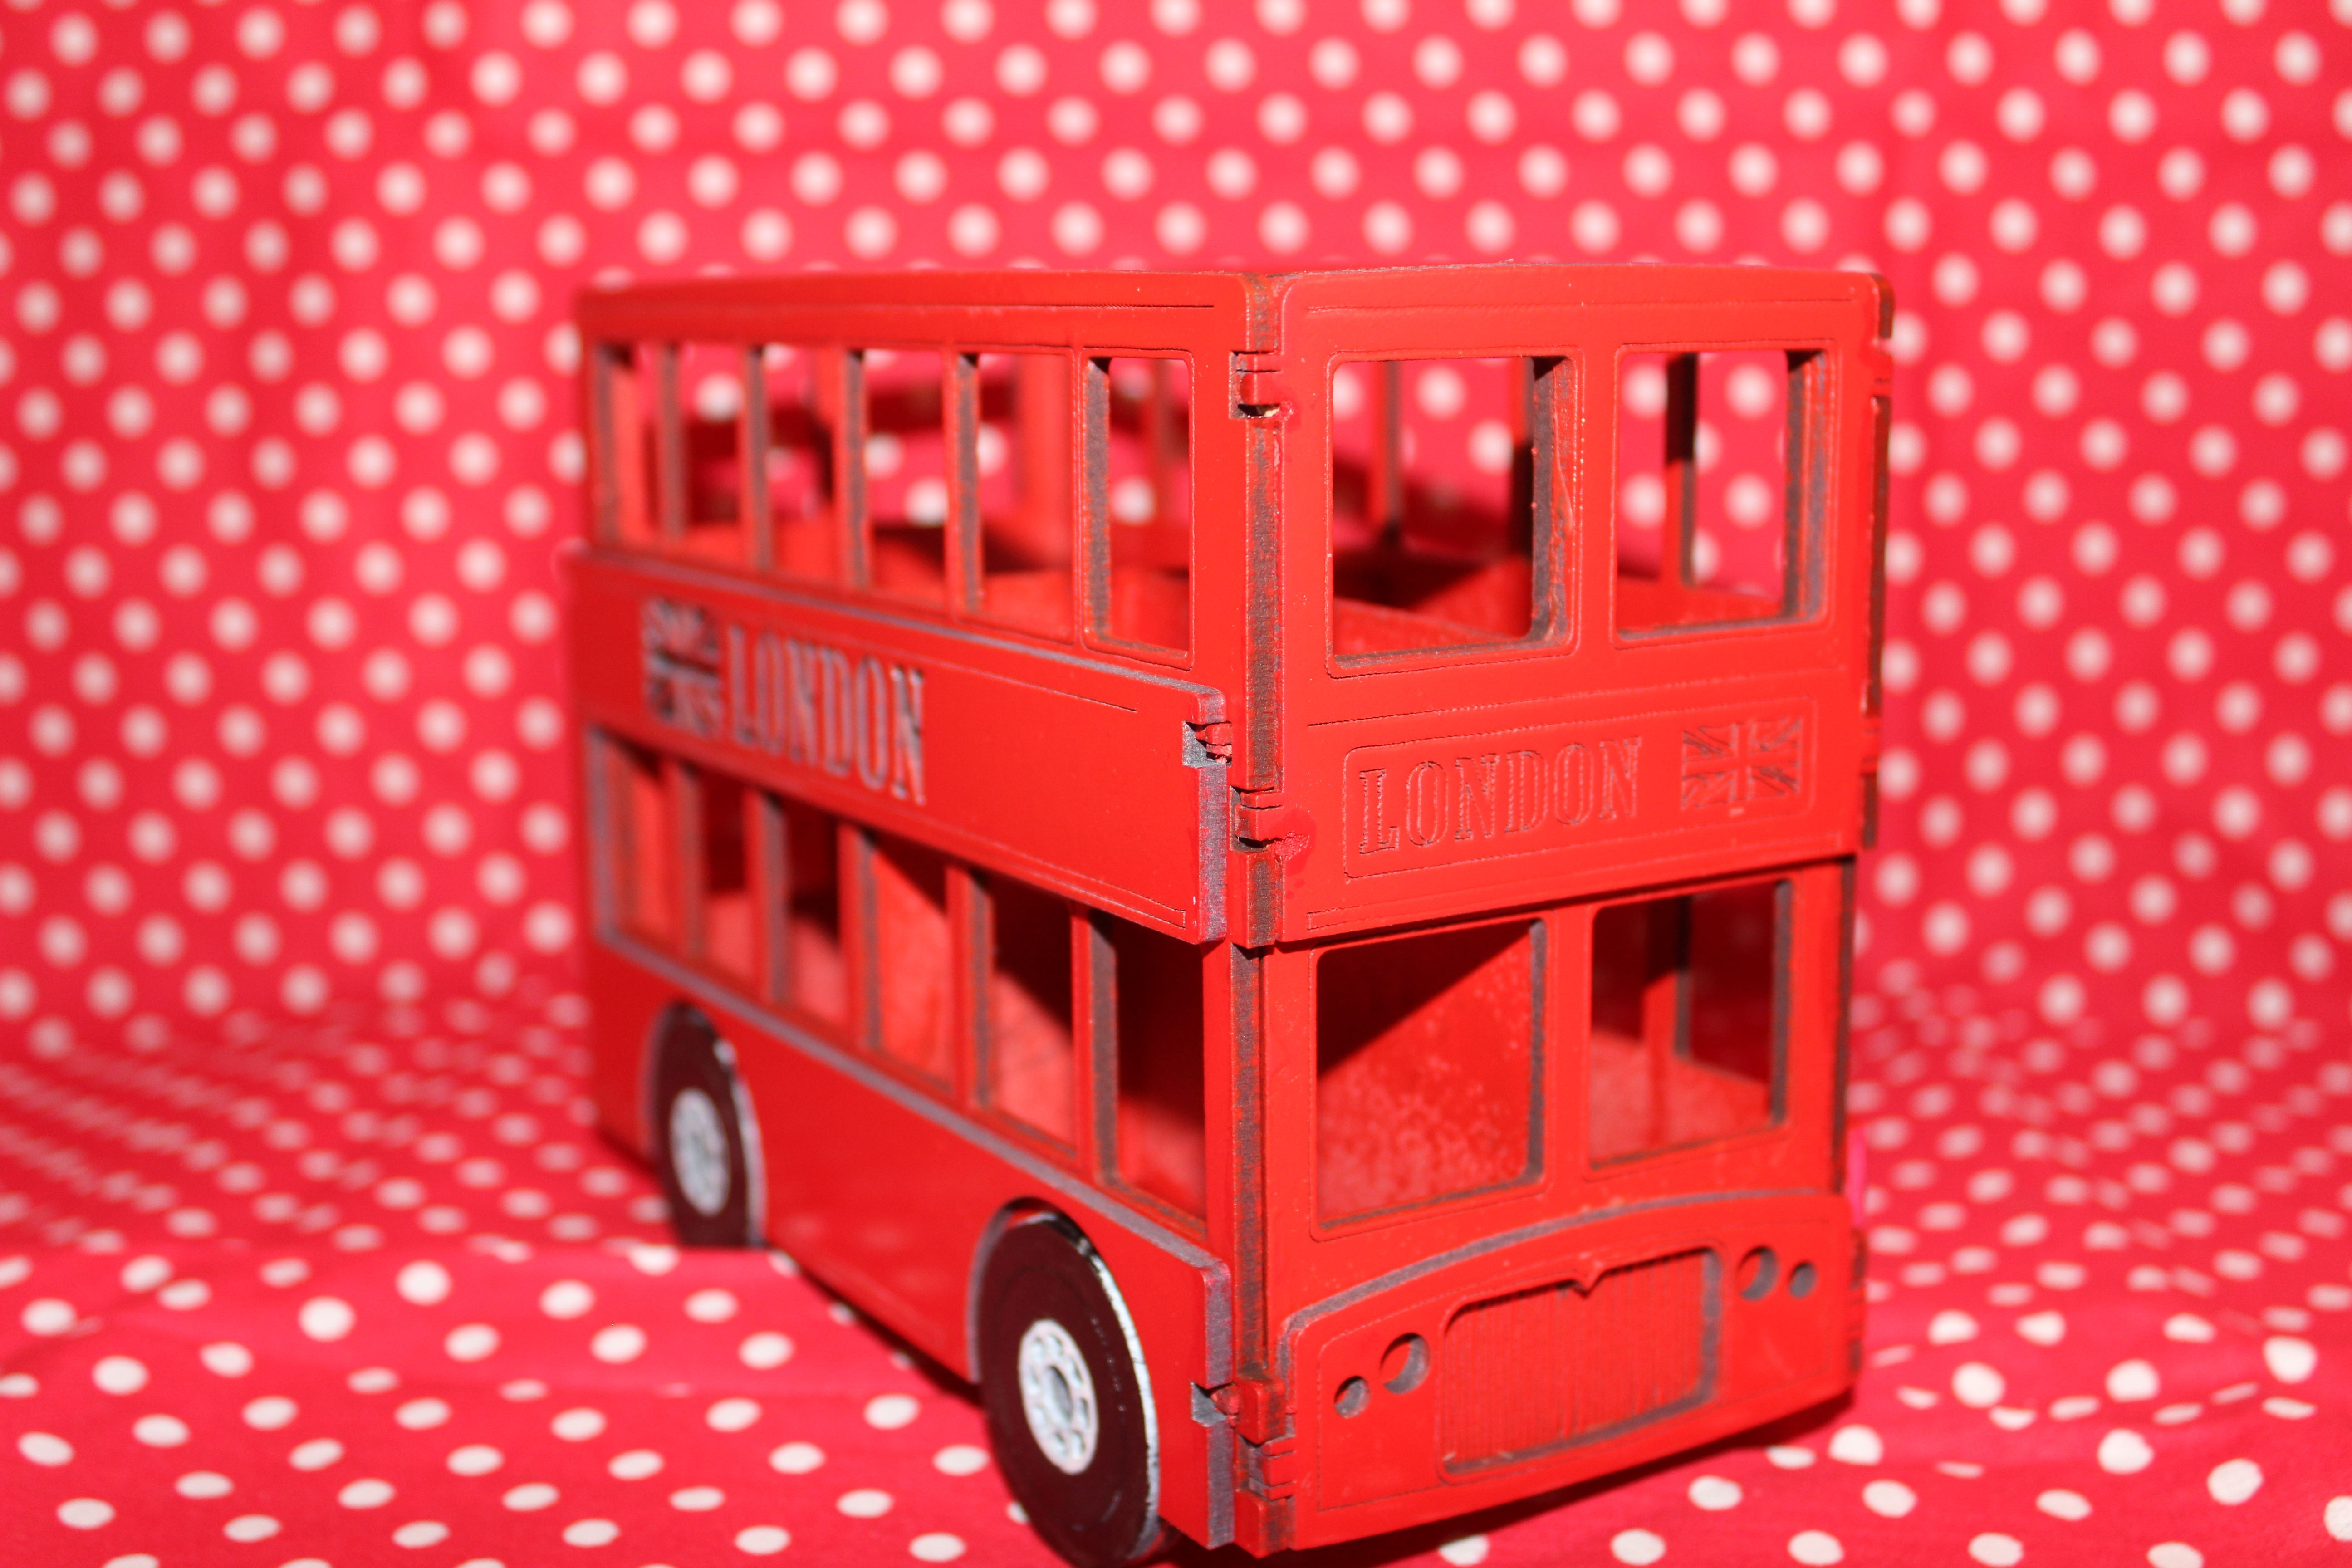 школьникам автобус для стиль стакан ручек изделия органайзер фанеры английский